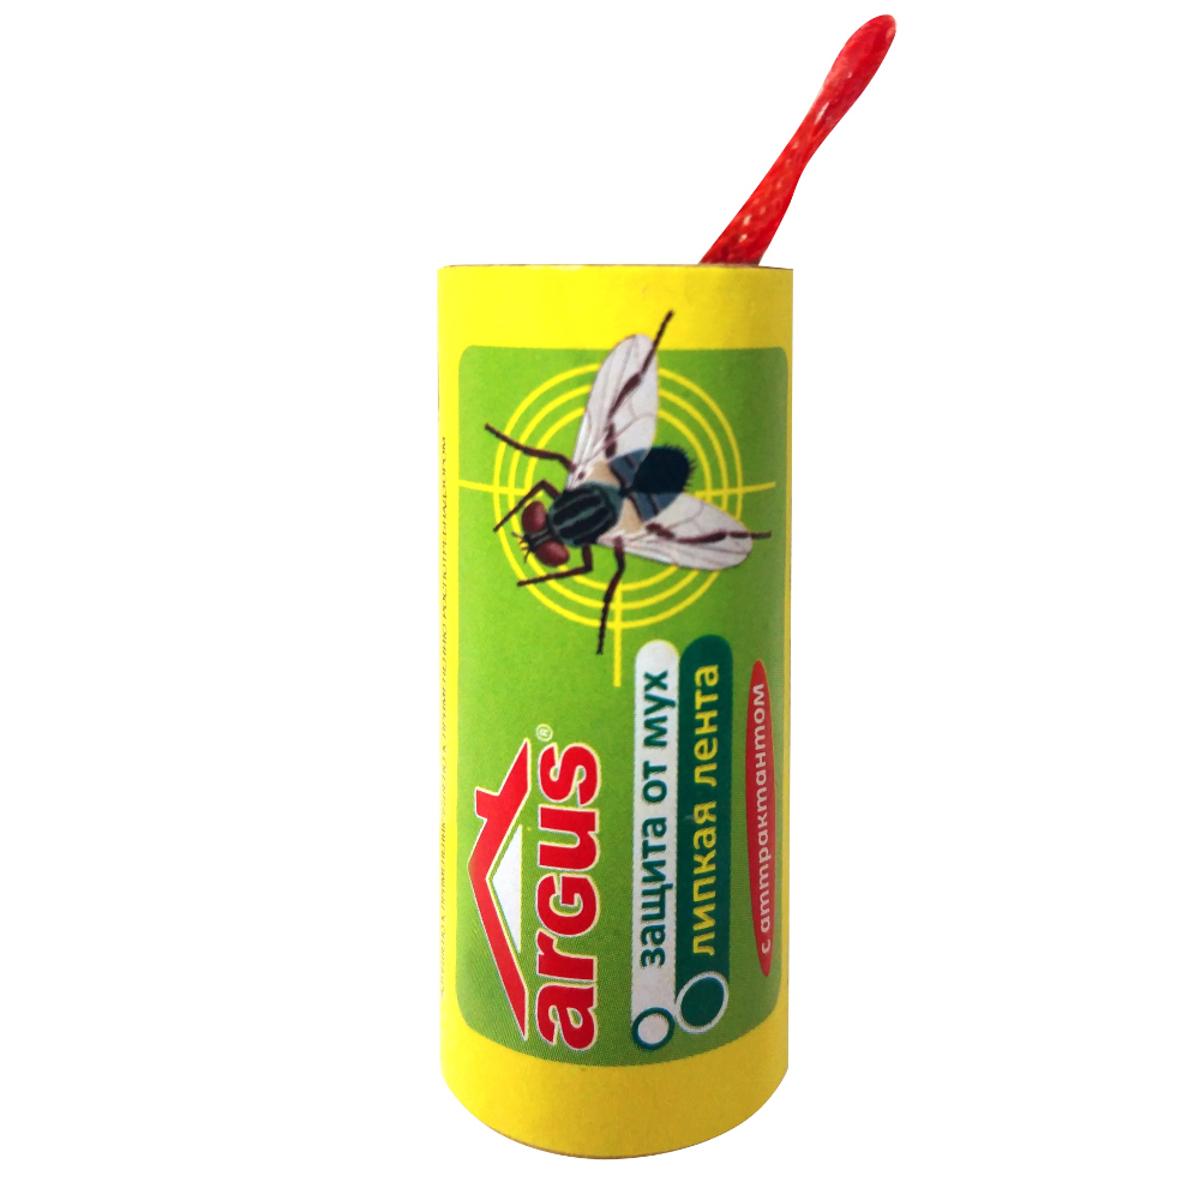 Липкая лента от мух ArgusСЗ.020003Липкая лента Argus - это удобное и простое в использовании средство, которое надежно защитит вас и вашу семью от мух в закрытом помещении или значительно снизит их количество на открытом воздухе. Специальный аттрактант является привлекательной приманкой для мух, что делает липкие ленты Argus наиболее эффективными. Не содержит веществ, опасных для людей и домашних животных. Для помещения площадью 10 м2 требуется 2-3 липучки.Состав: каучук, производные полиизобутилена, аттрактант, масло минеральное.